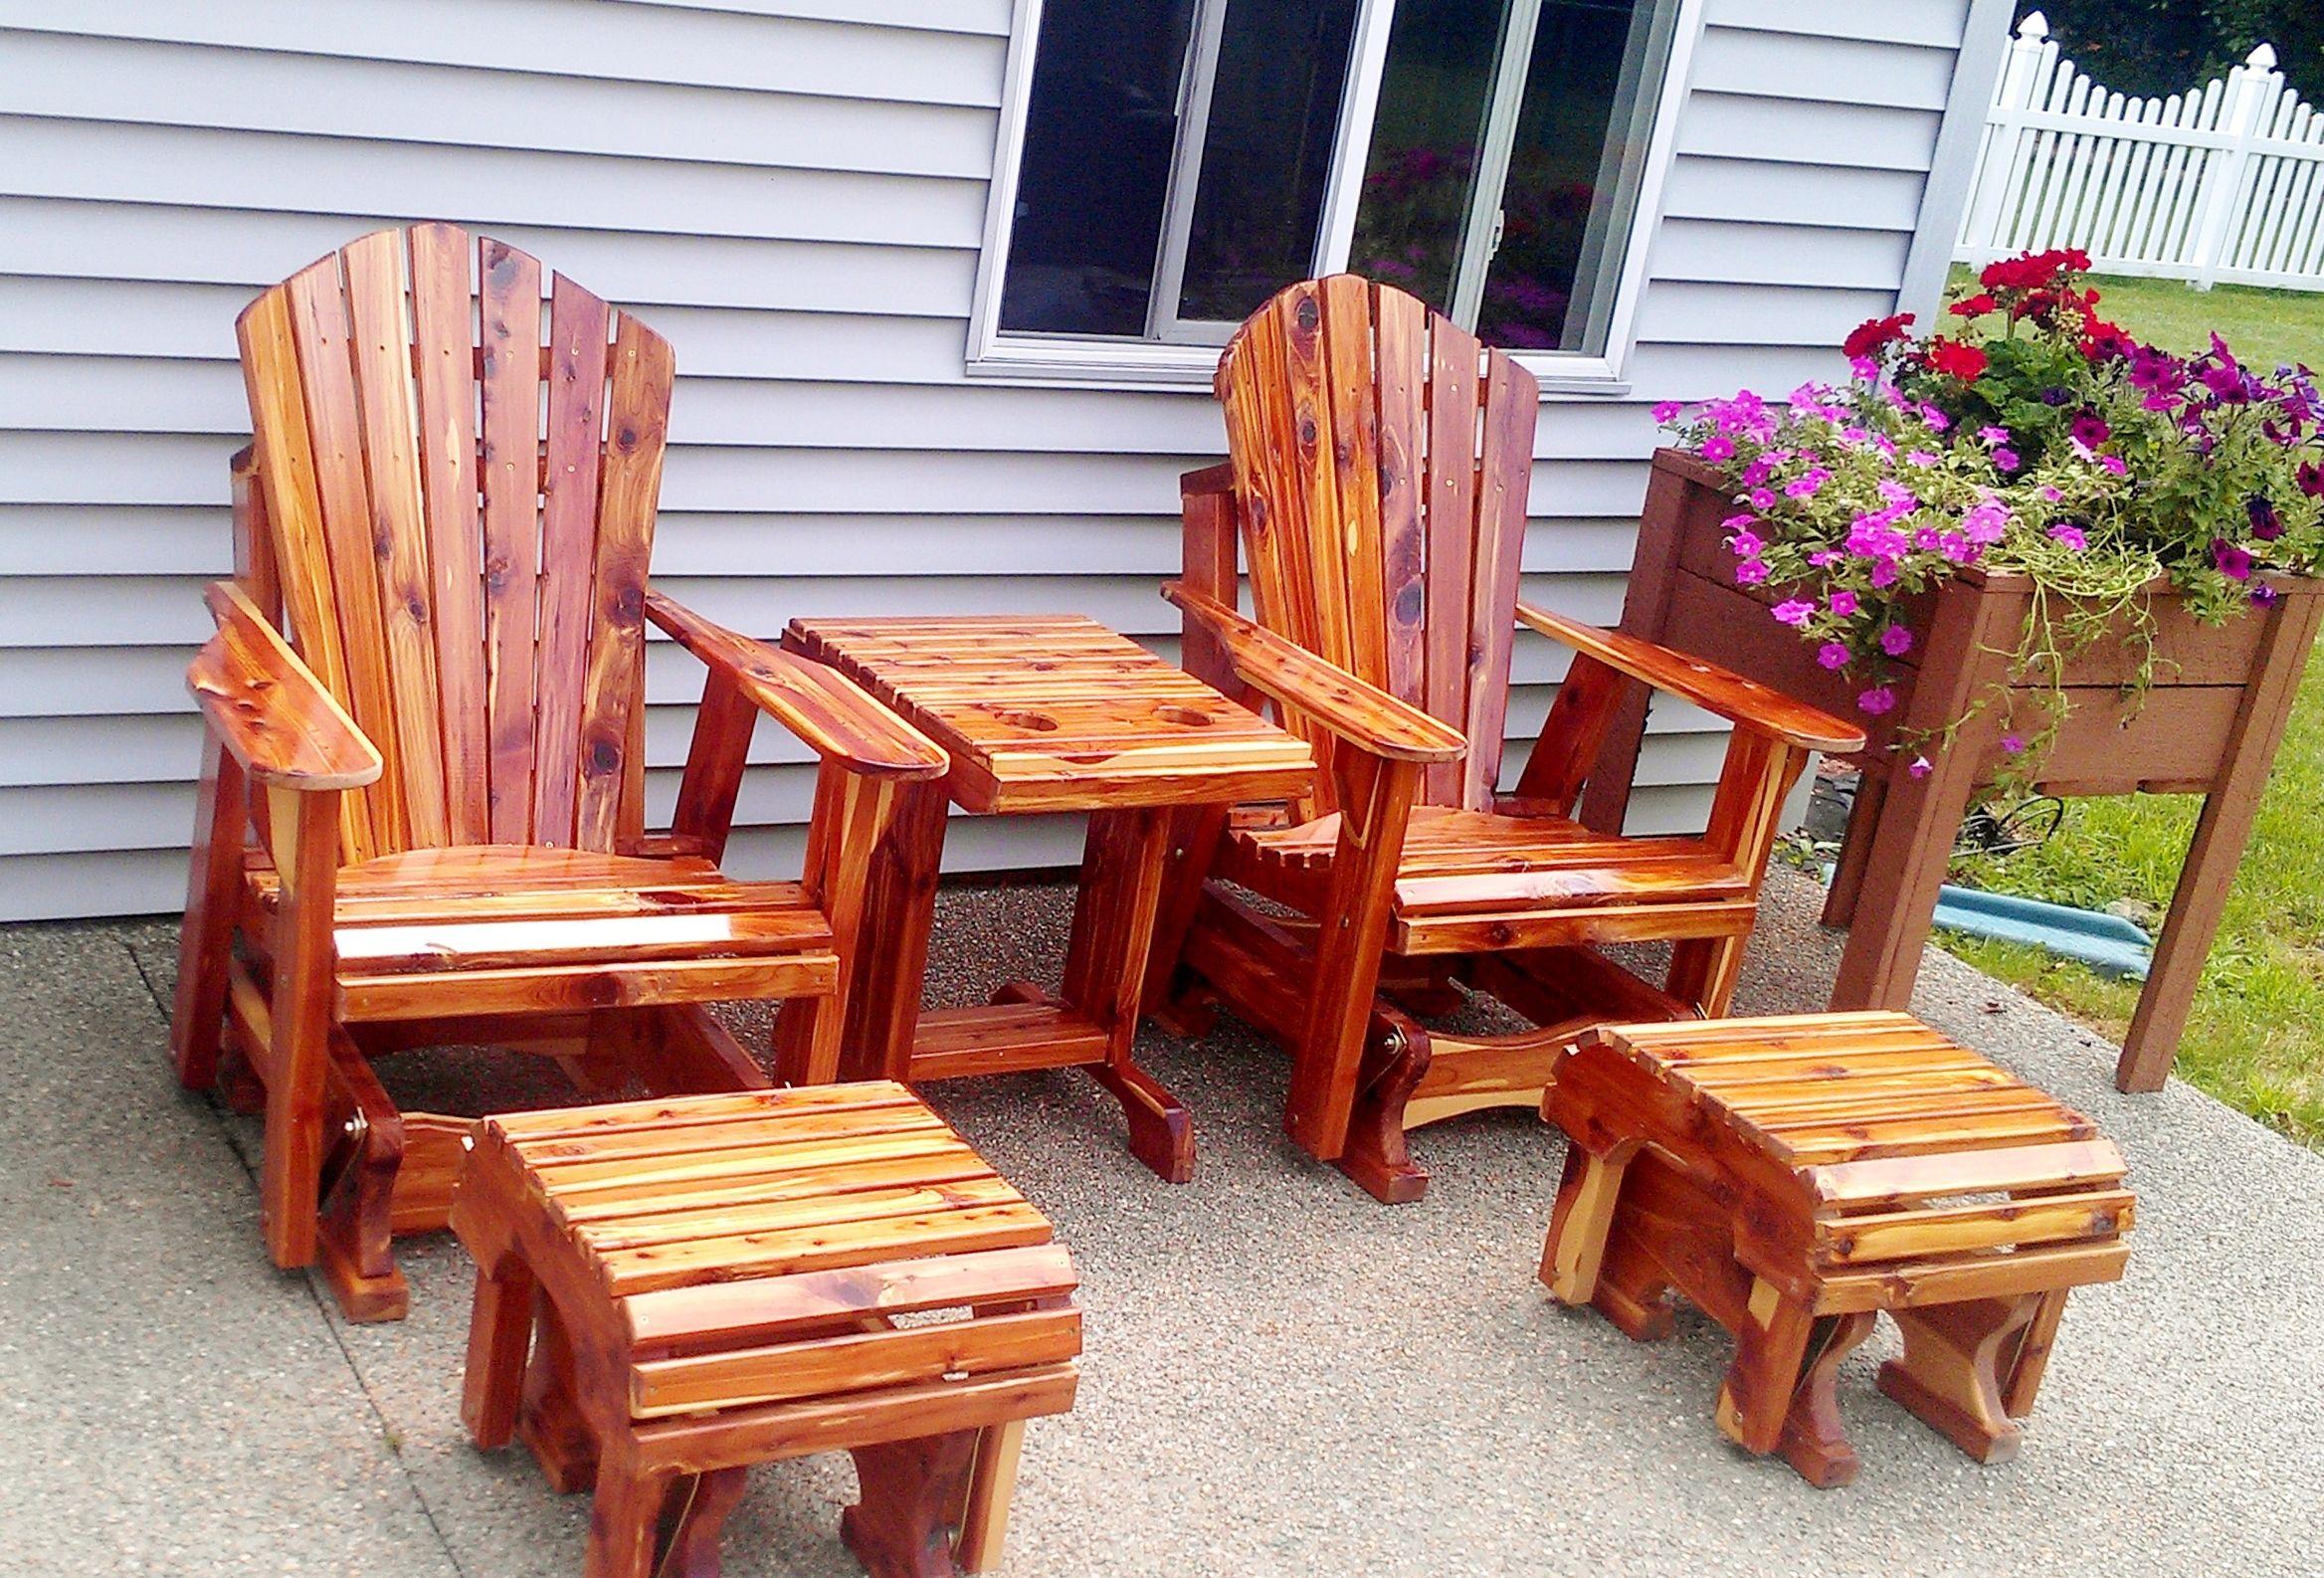 Günstige Möbel Es Bedeutet Nicht Billig Möbel Möbel Möbel